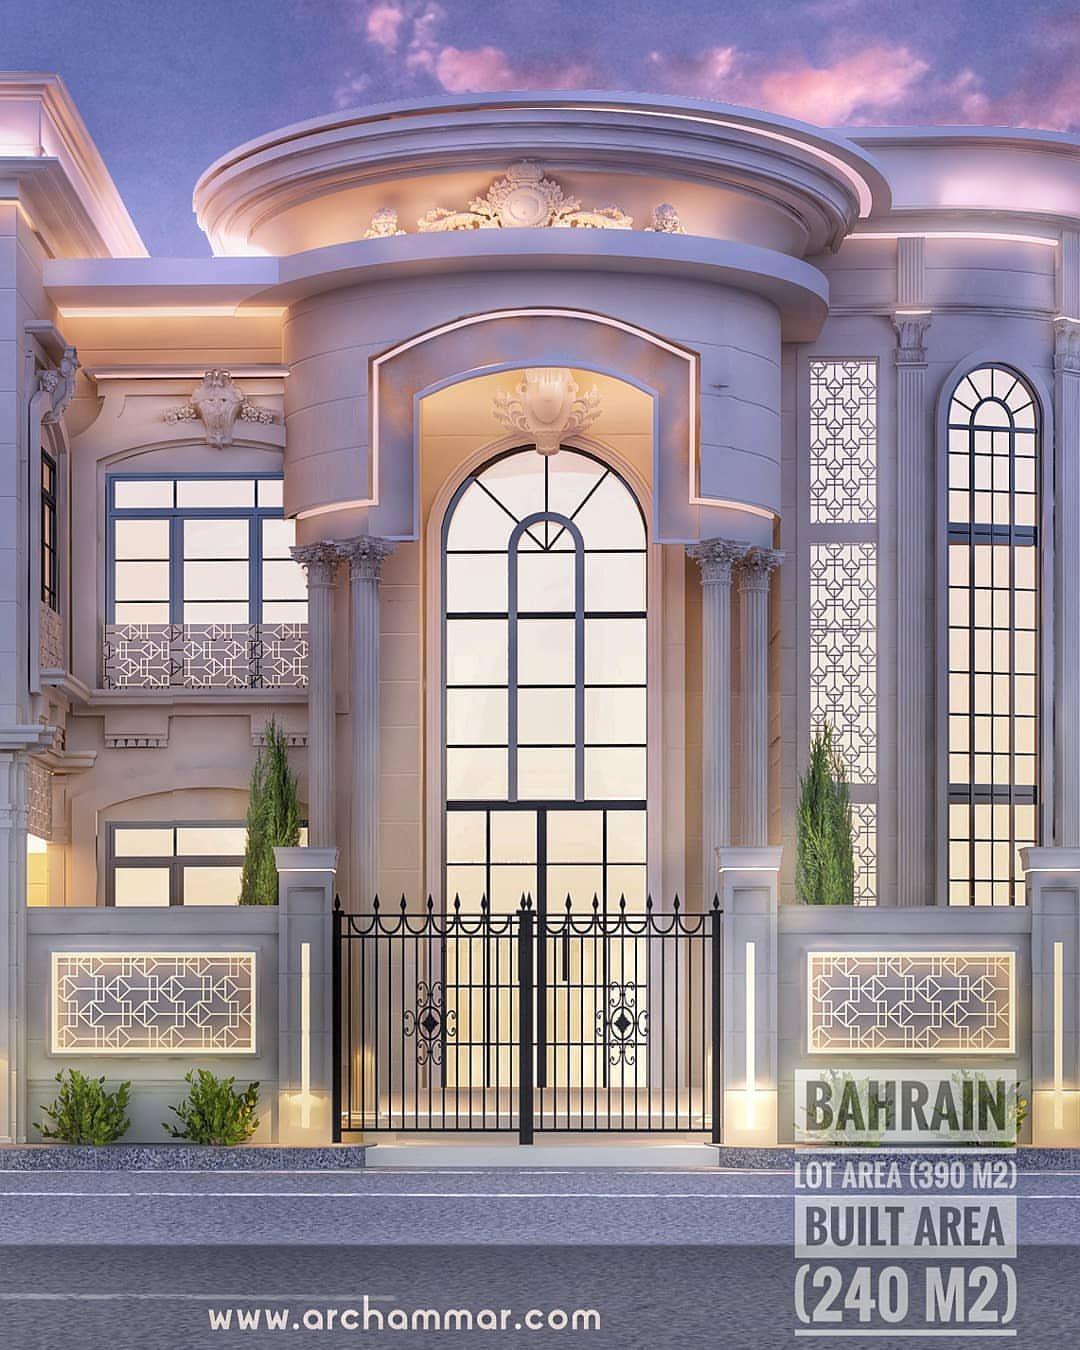 واجهة فيلا موقع المخطط البحرين البرنامج المستخدم 3d Max Photoshop للاستفسار 013 585 6668 ل House Elevation House Styles Appartment